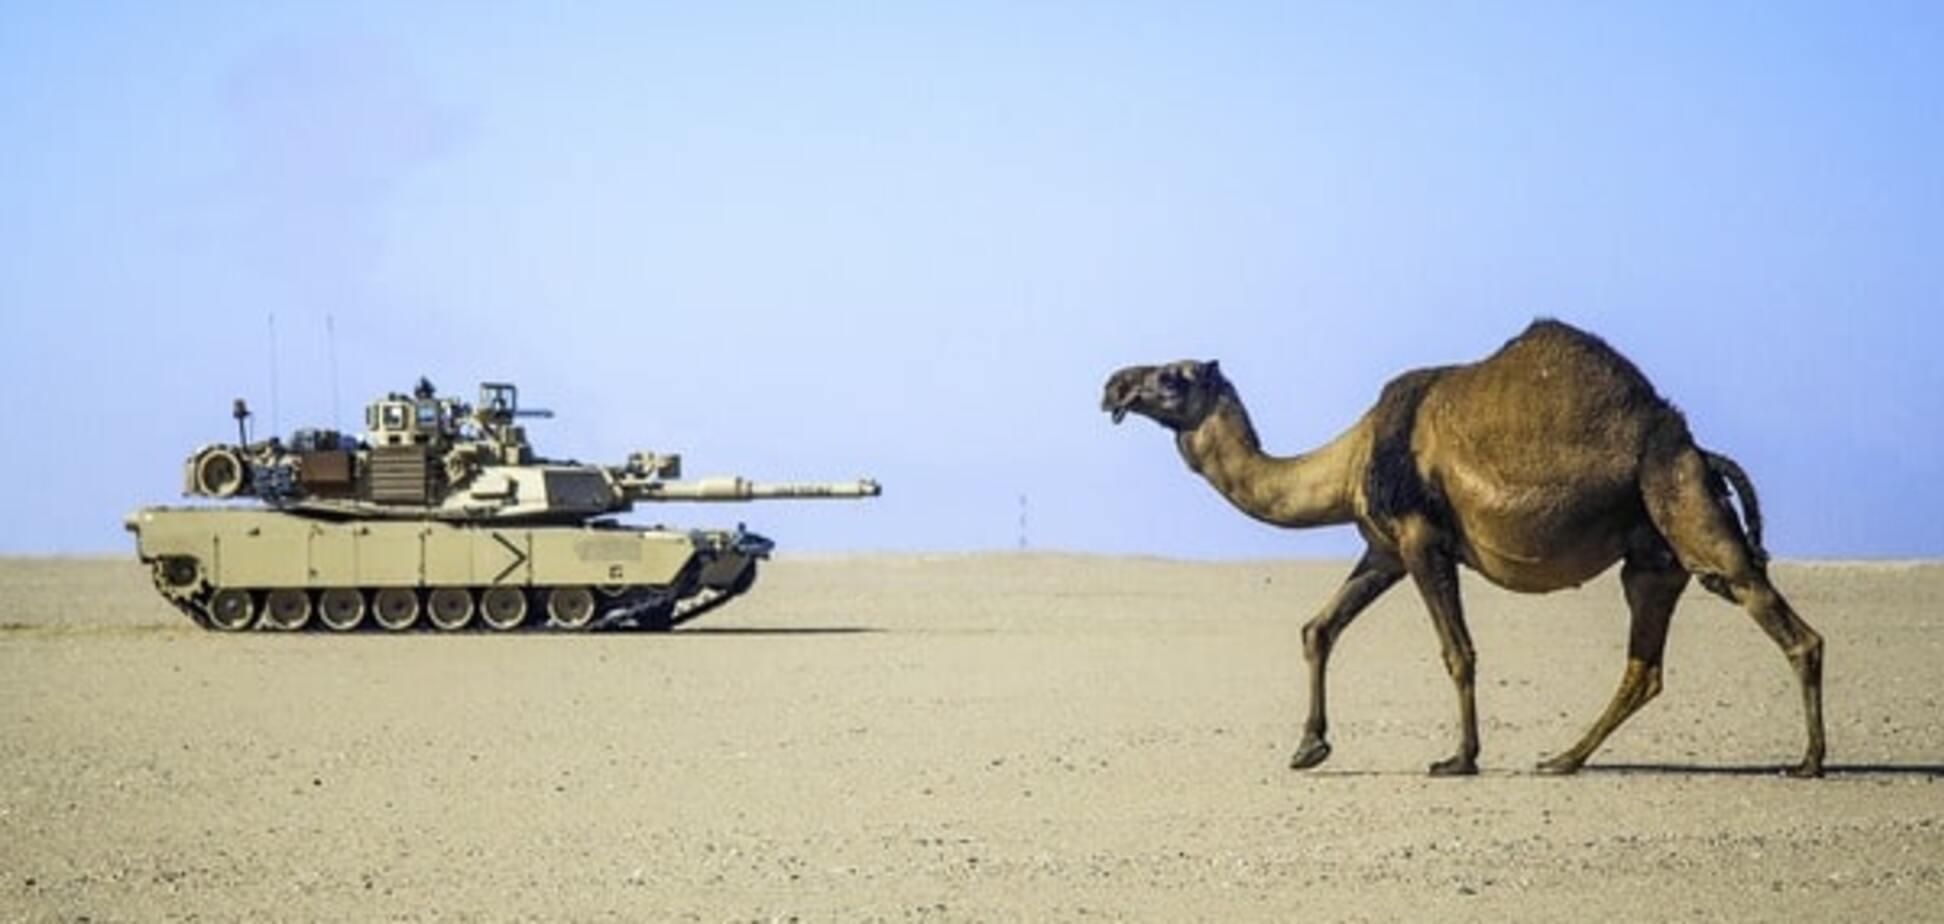 Поставки оружия США: как Вашингтон вооружает всех, но не Украину